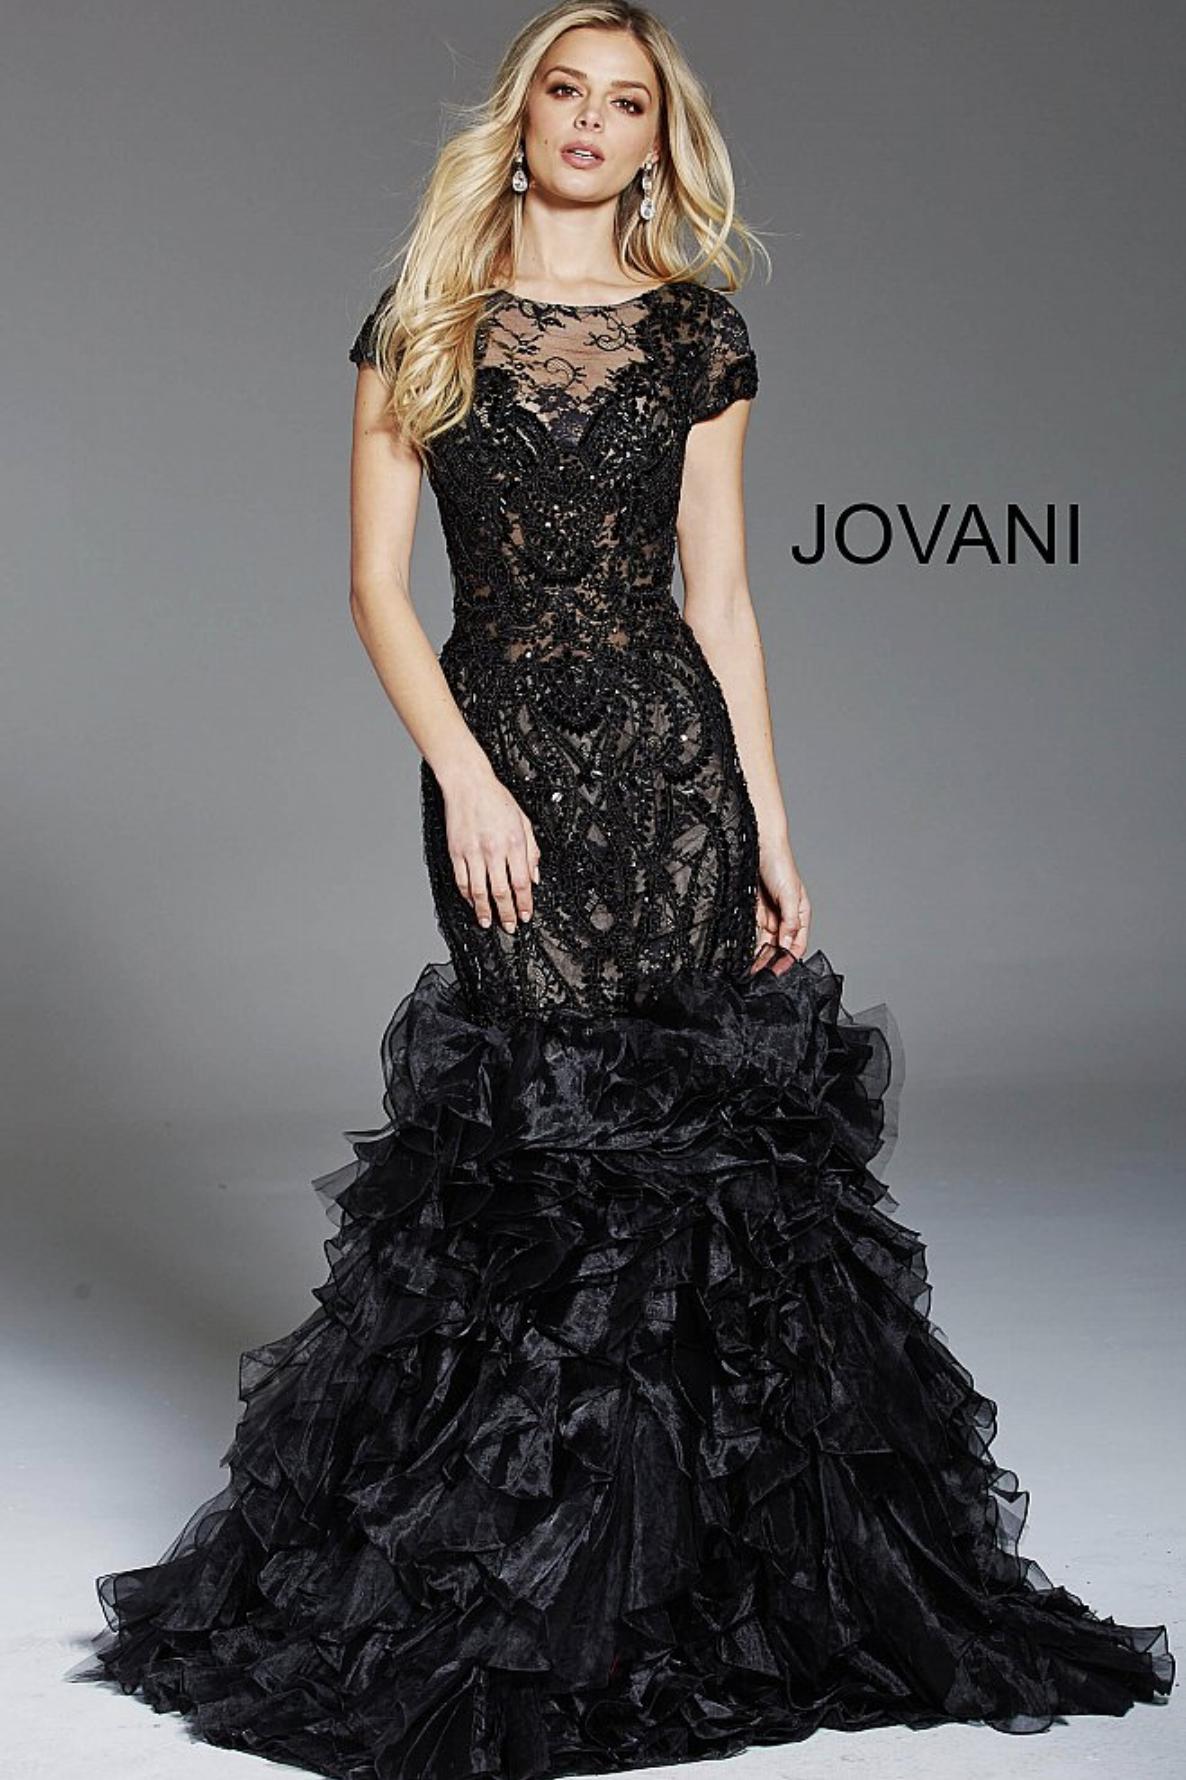 Jovani at Irma's Bridal